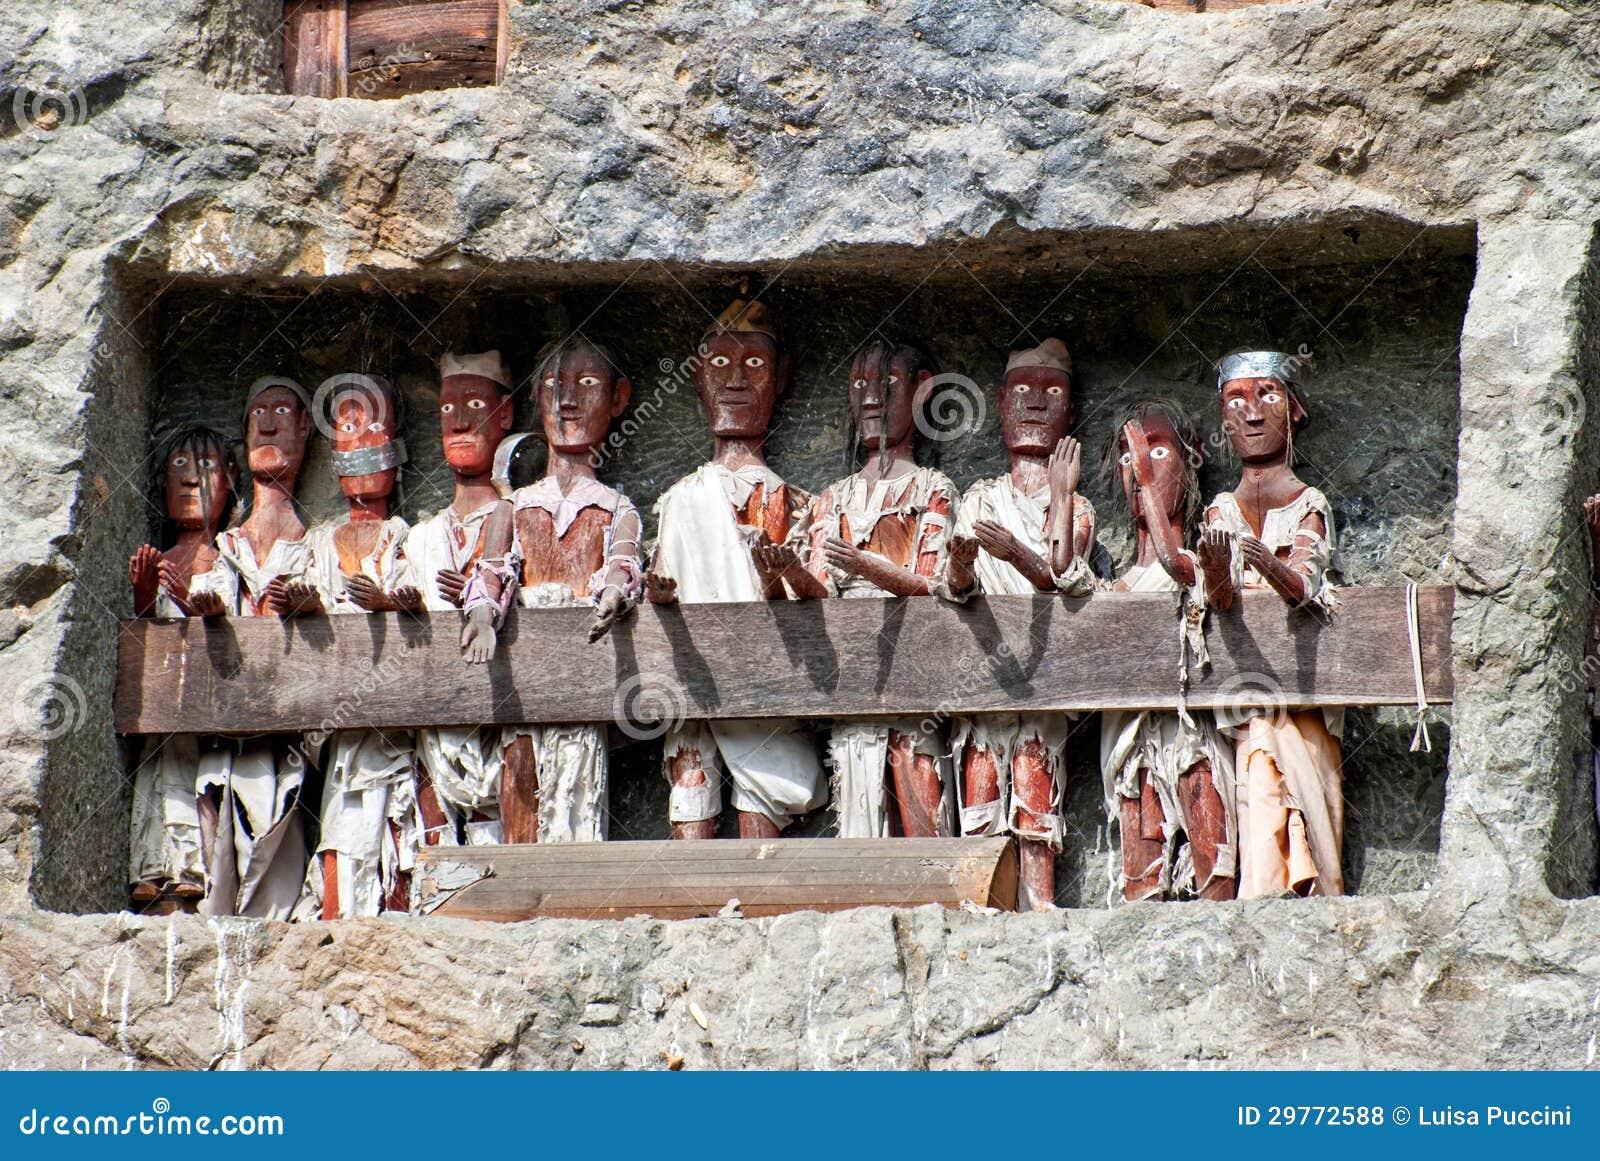 Tau Tau Statues In Lemo, Indonesia Stock Photo  Image of ancient, indonesia: 29772588